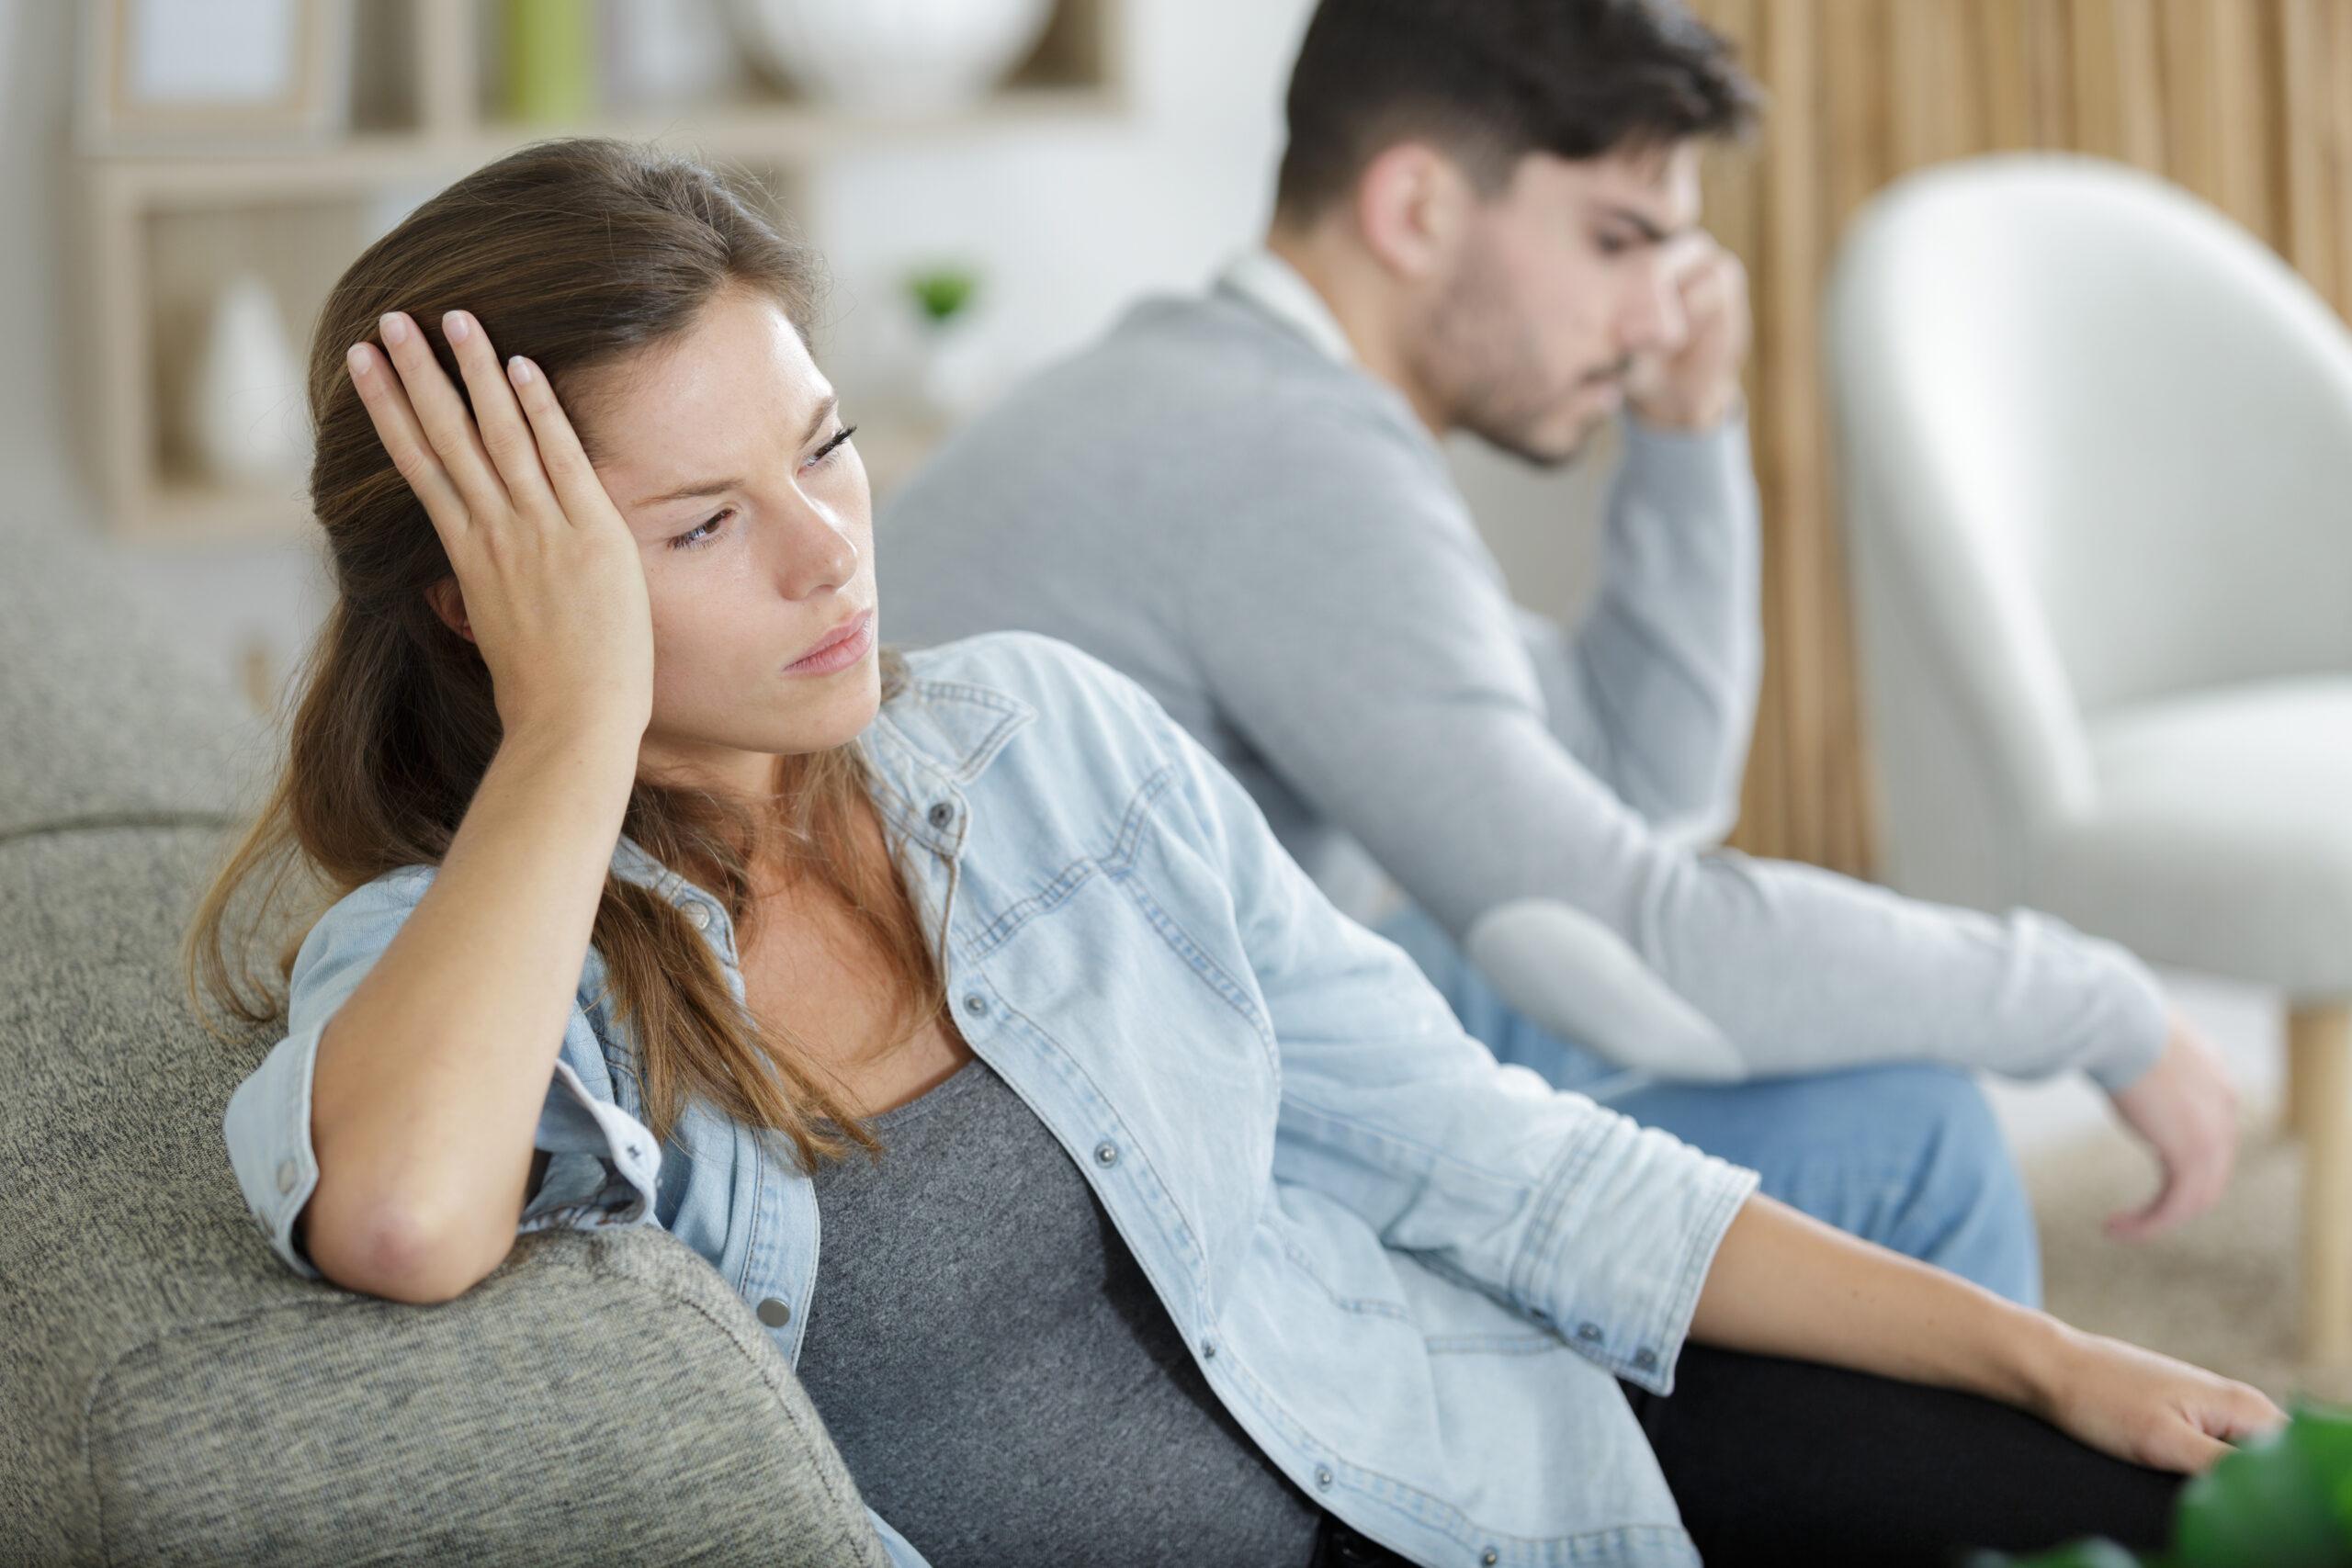 Mein Partner will keine Kinder – Was soll ich tun?